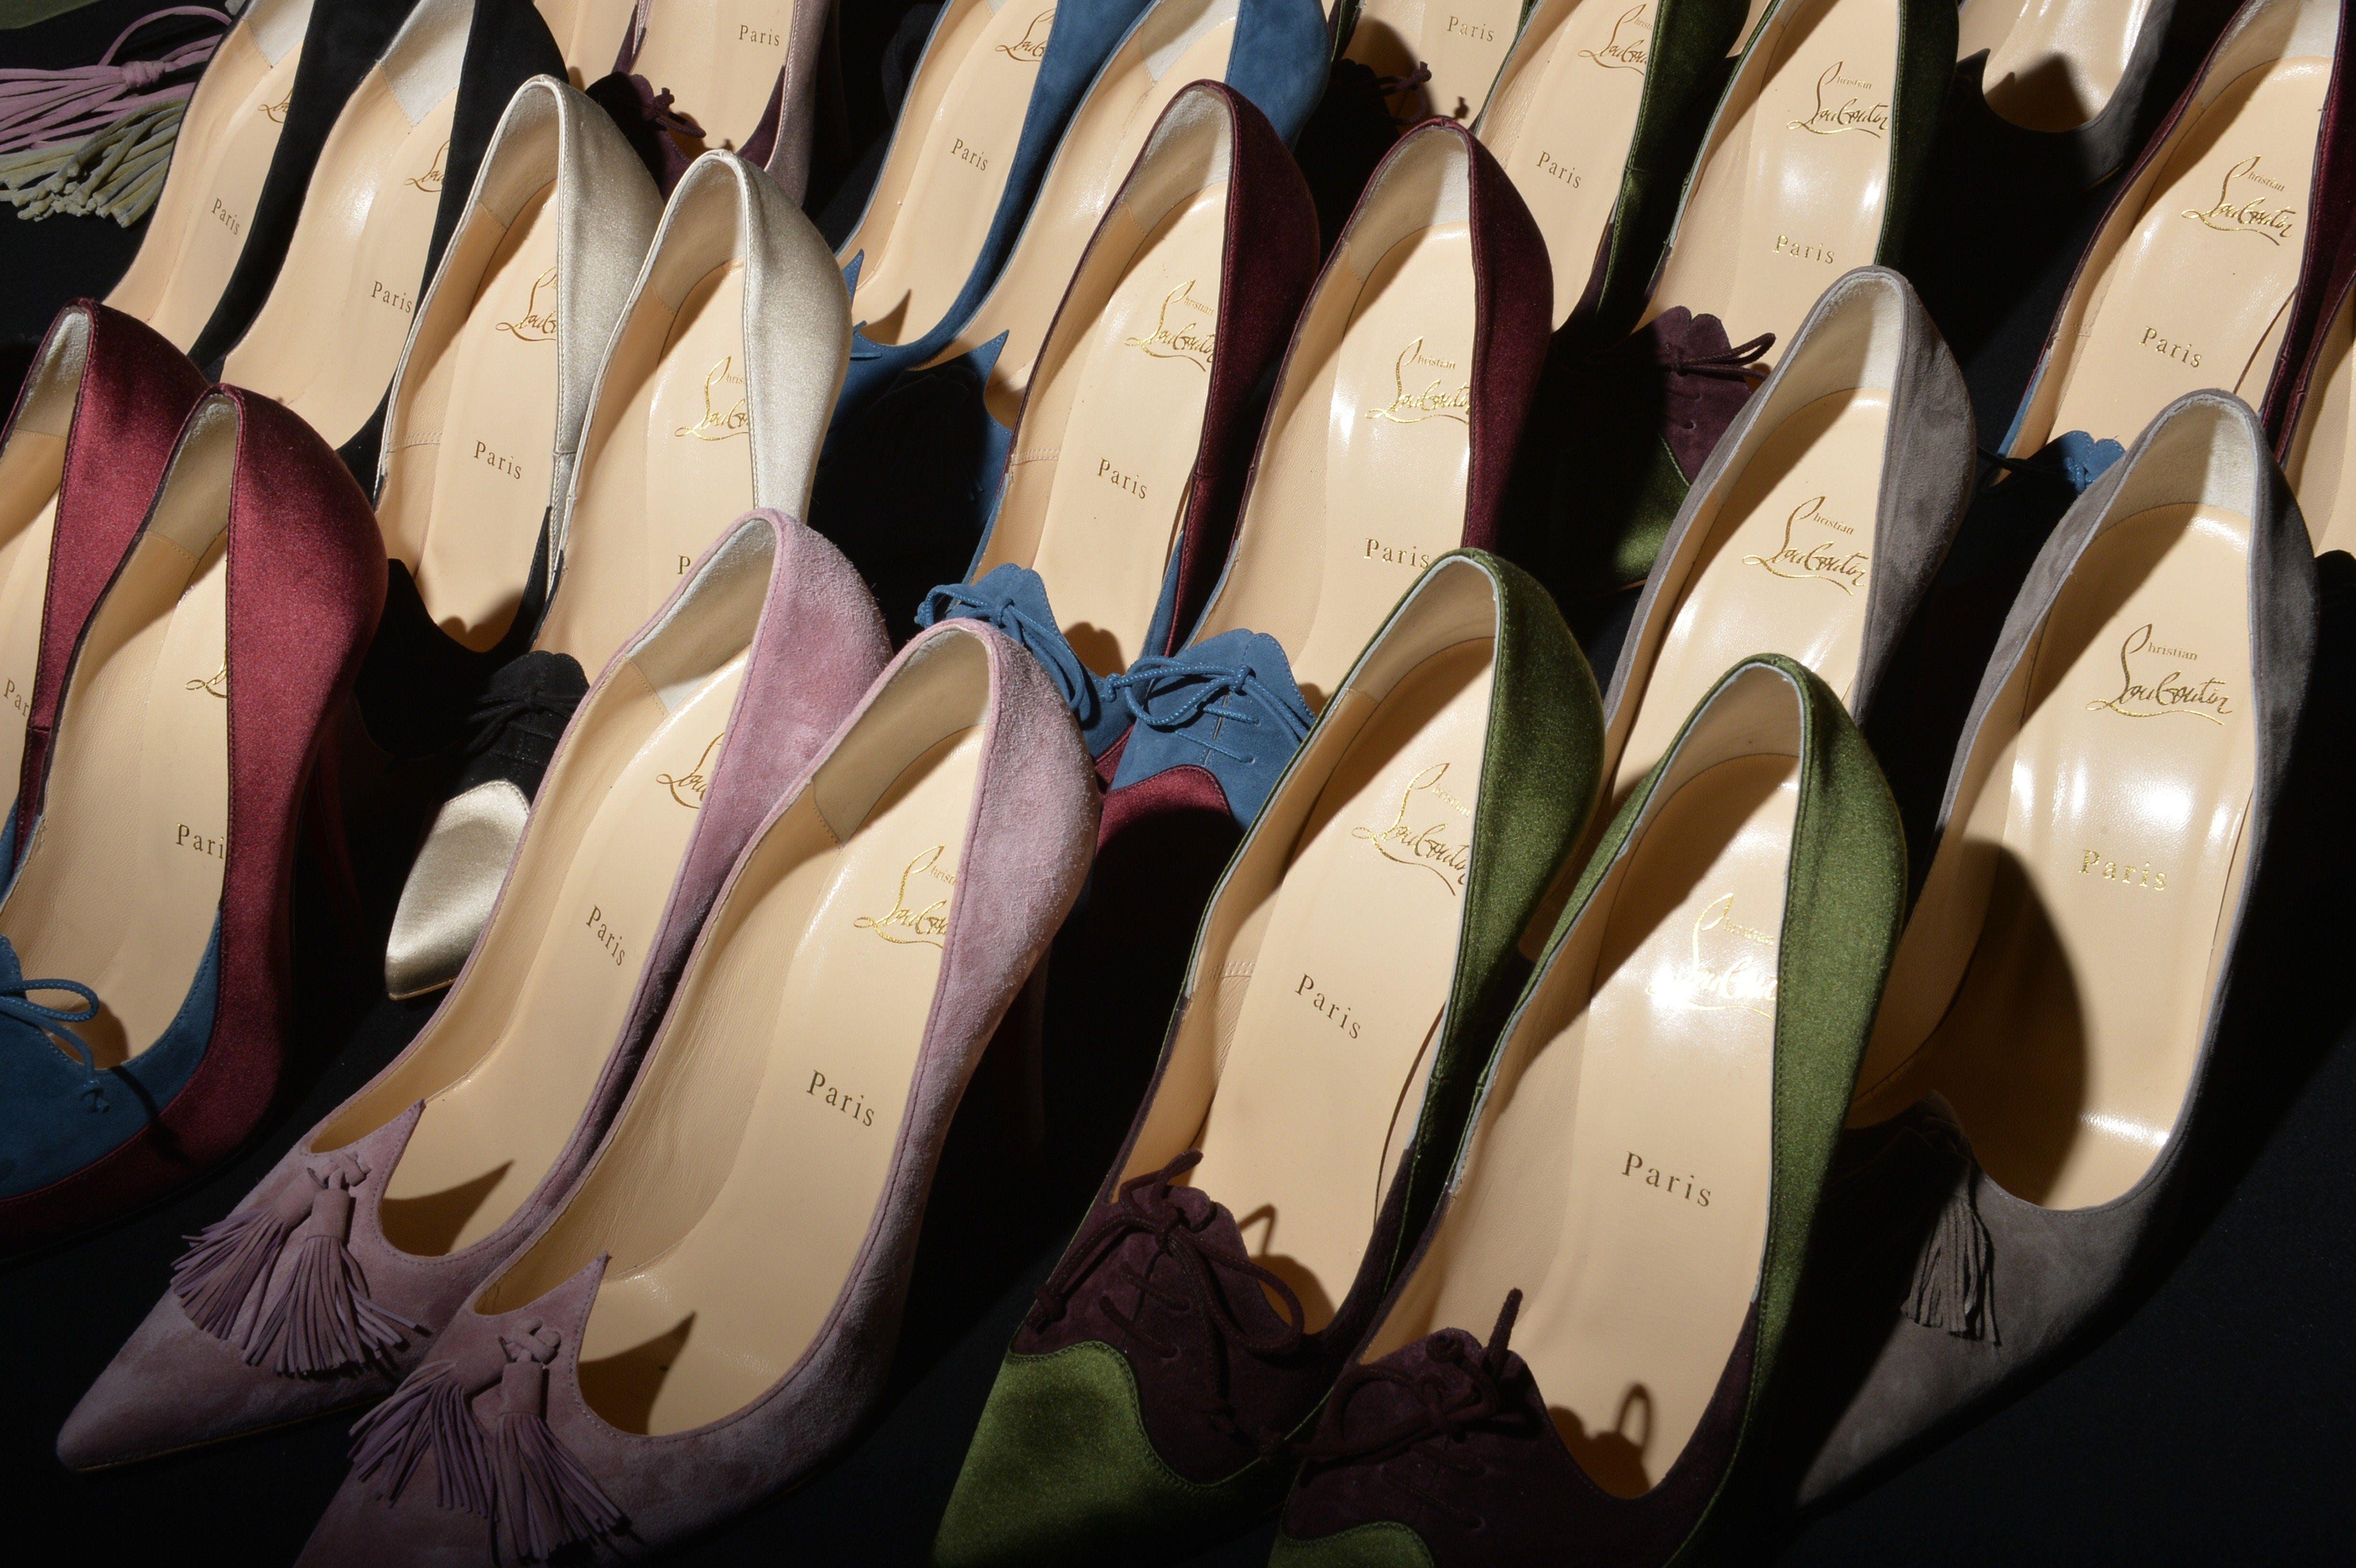 e3a67fe79b2f3 La Storia delle scarpe Christian Louboutin Pigalle